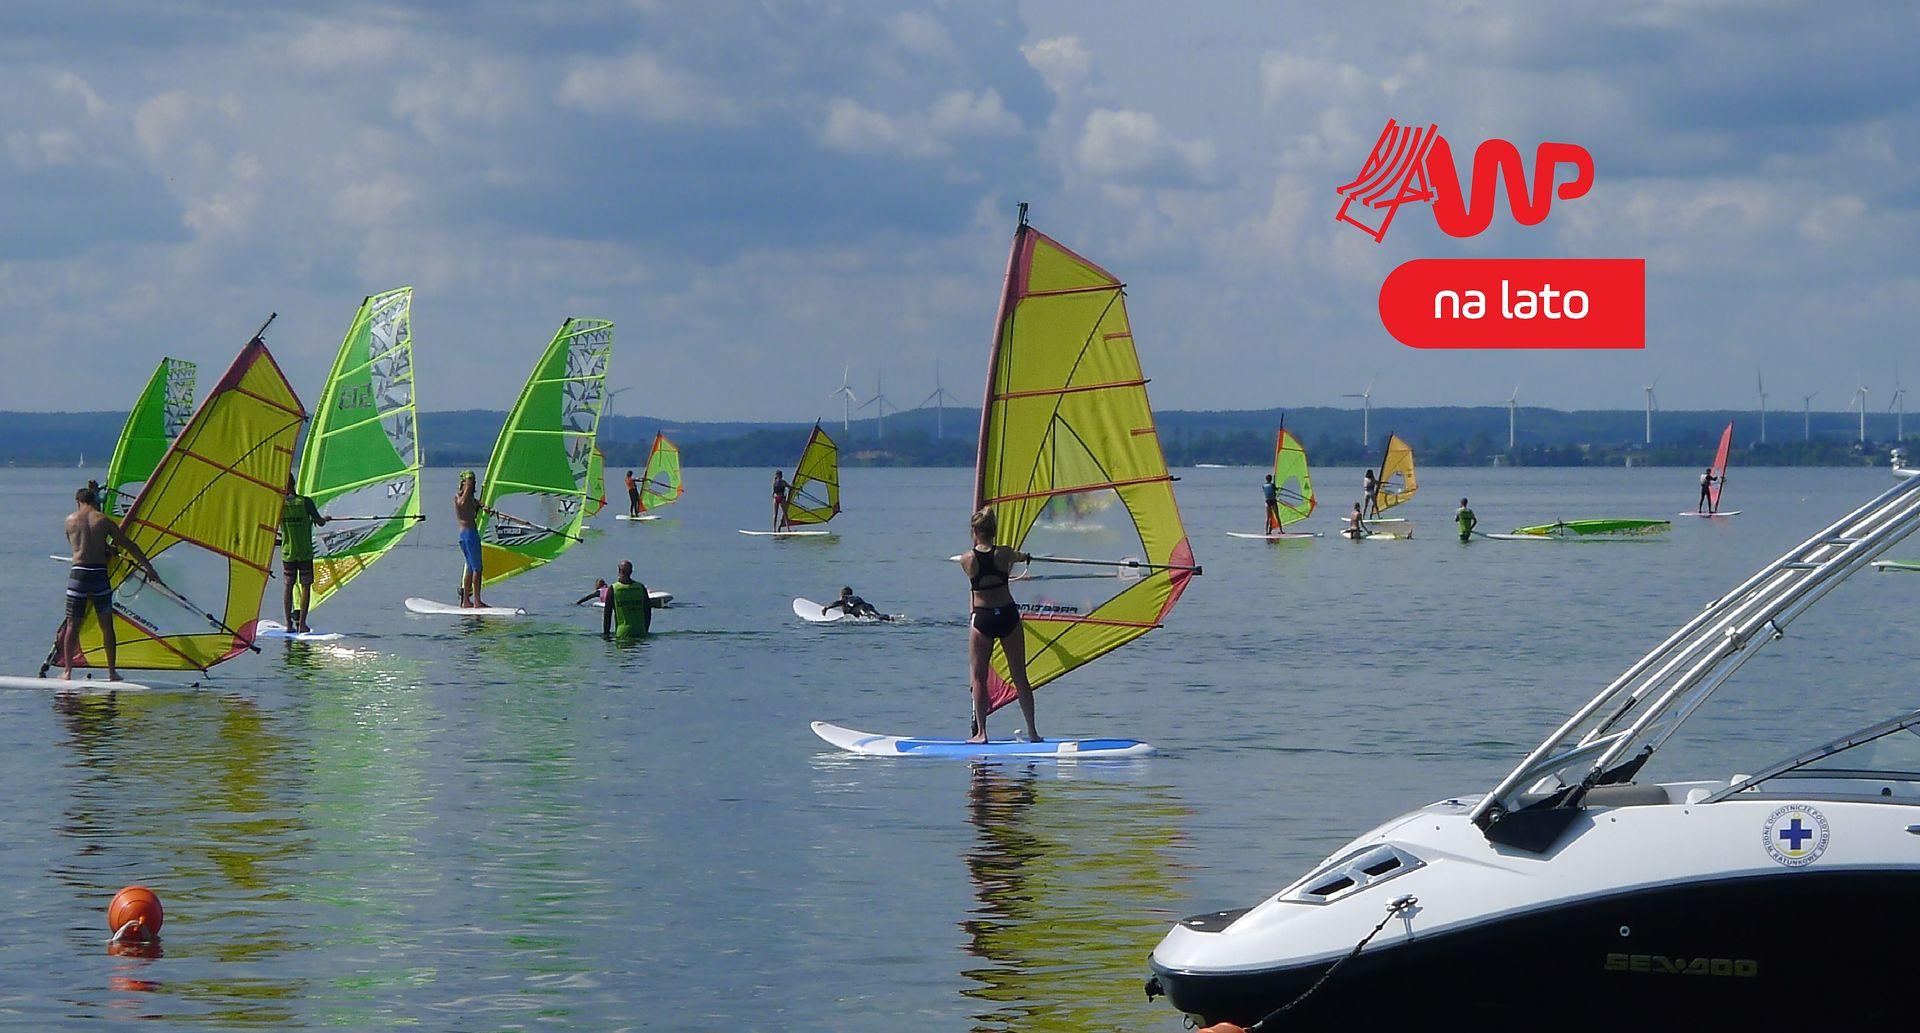 Zatoka Pucka jest idealna dla początkujących windsurferów